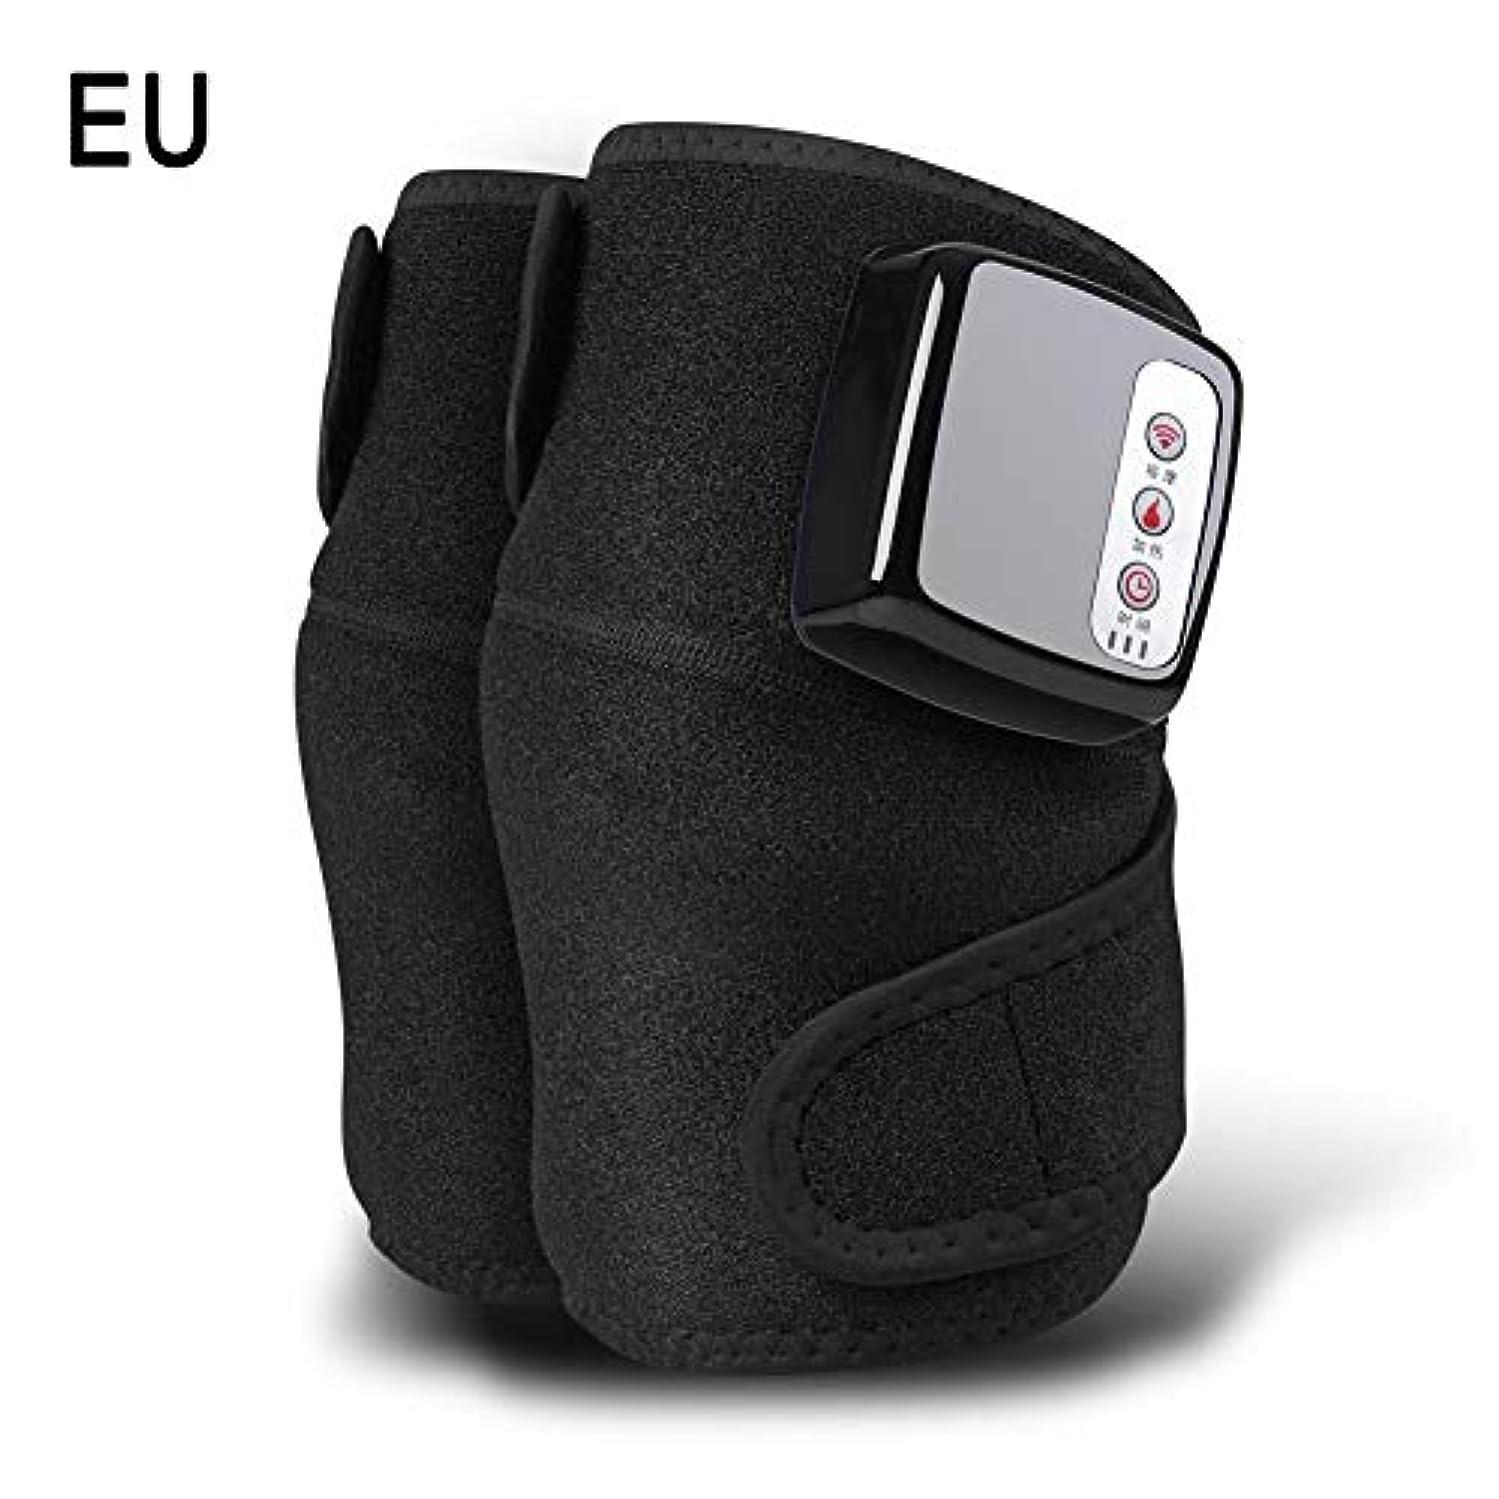 に慣れスライム完璧膝マッサージャー、ホットコンプレス、振動、多機能充電式発熱膝マッサージャー、暖かい膝関節、古い冷たい脚